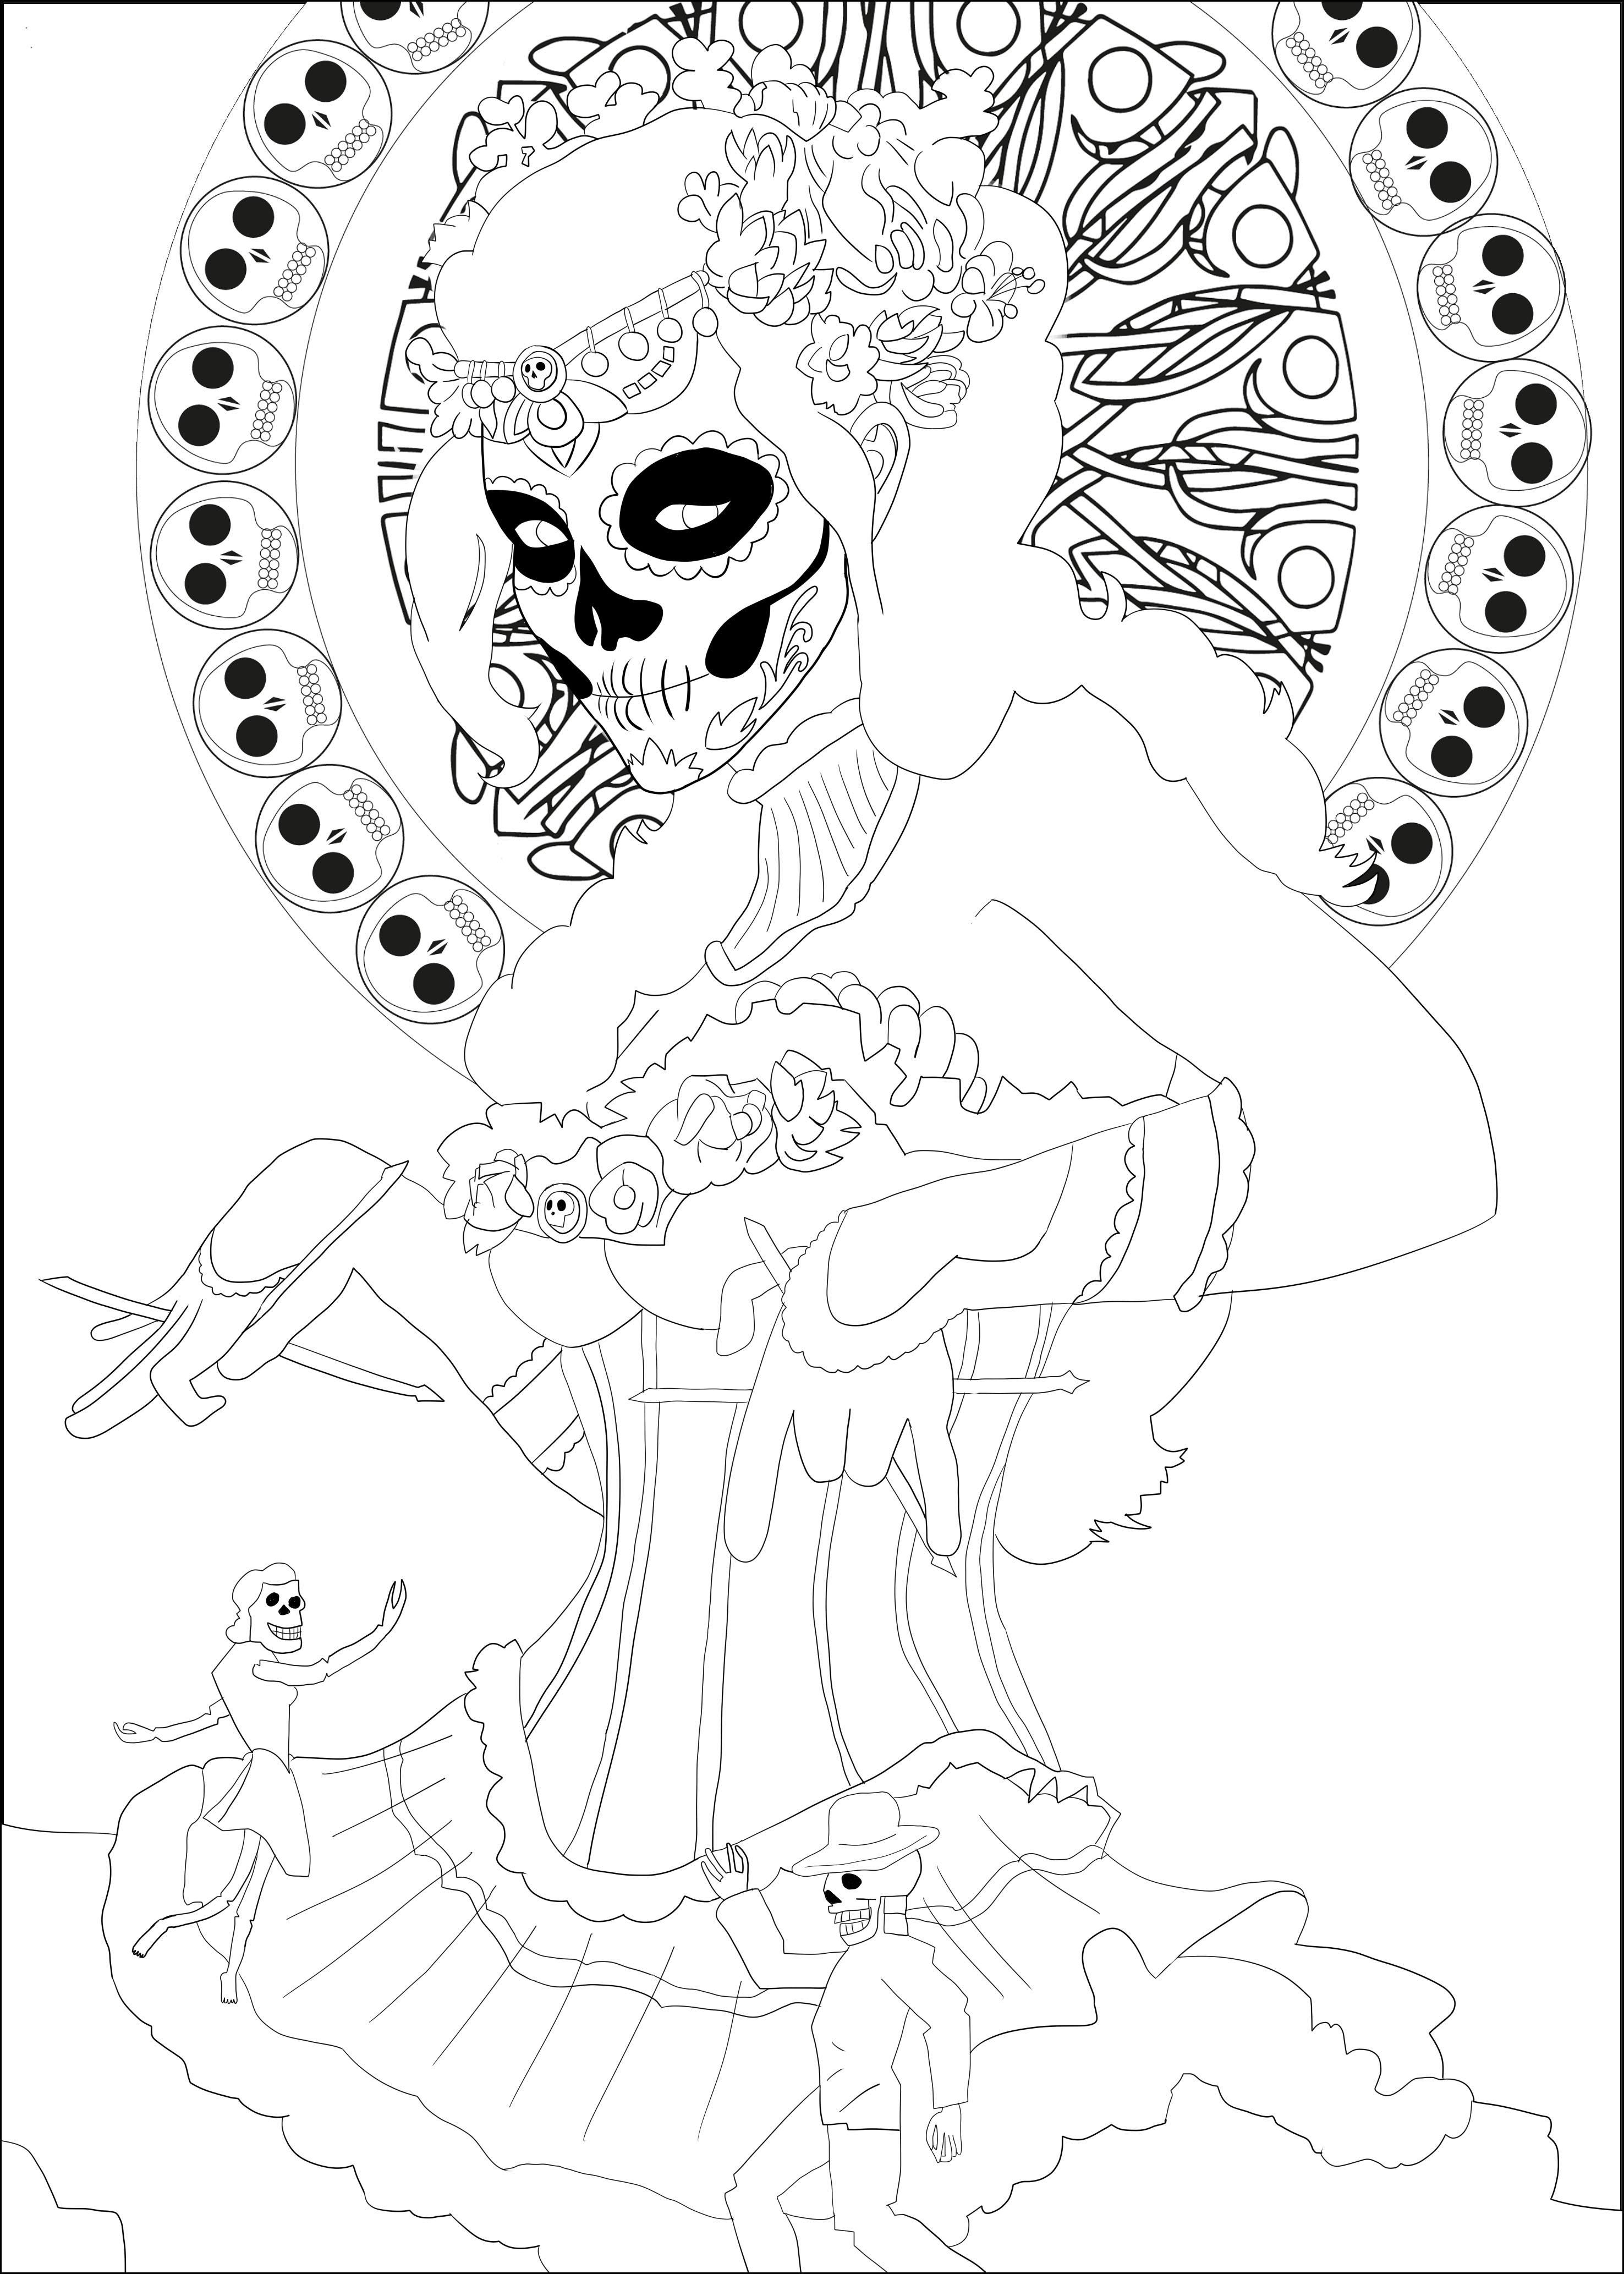 Disegni da colorare per adulti : El Dia De Los Muertos - 10